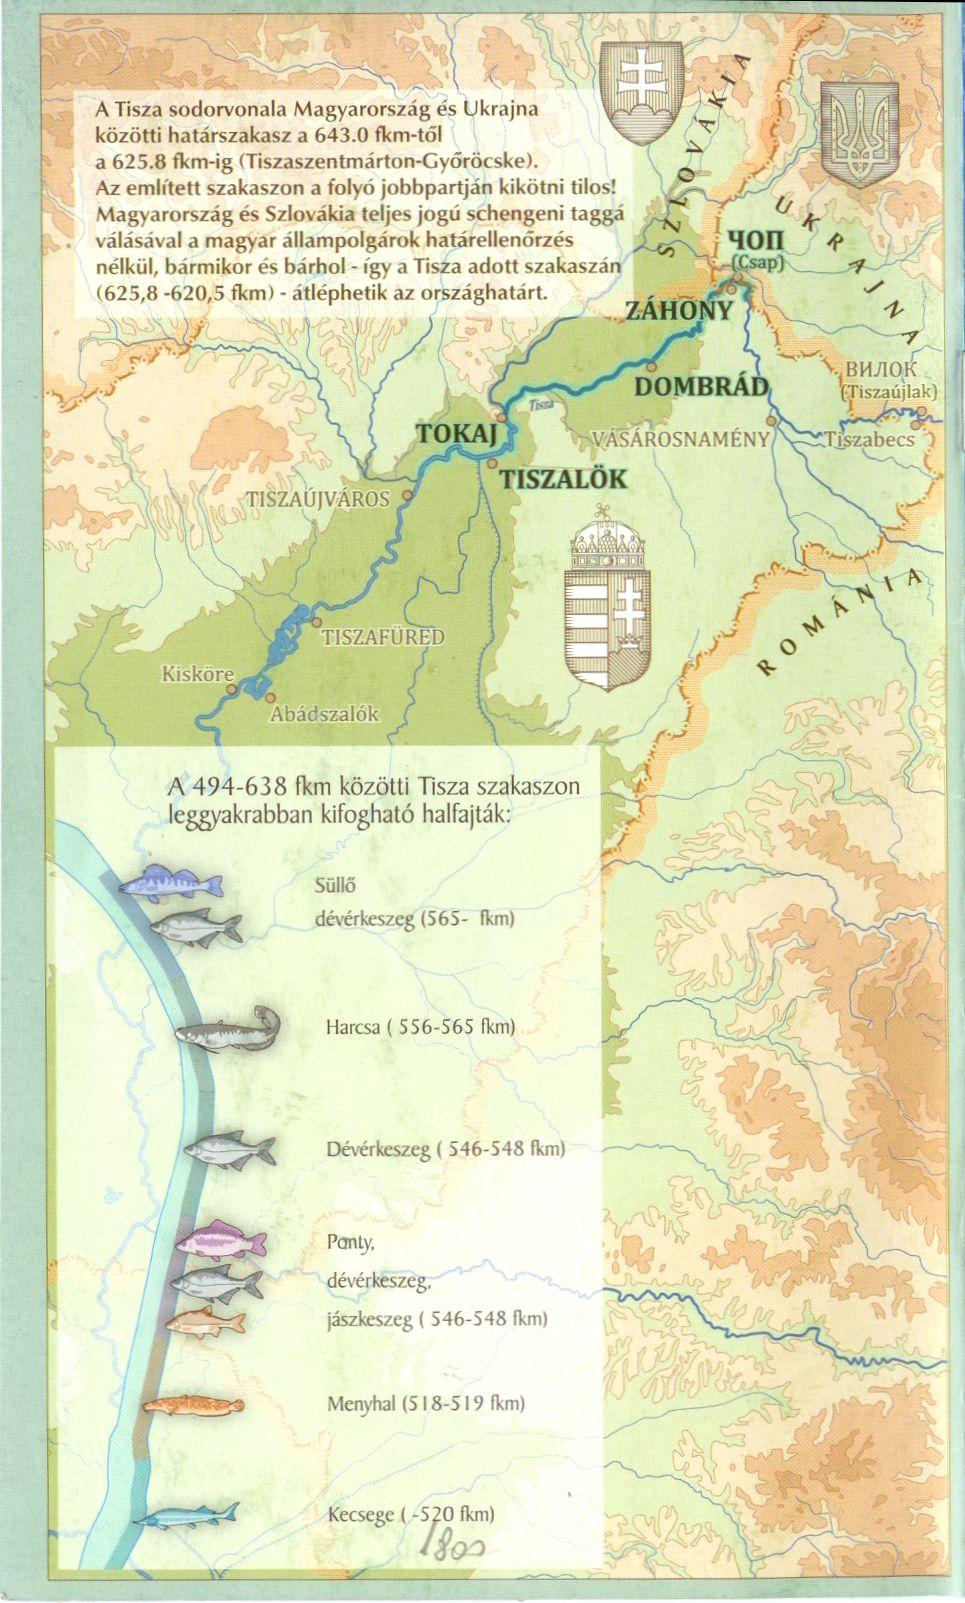 Tisza 638-494 fkm 1:35.000 áttekintő térkép